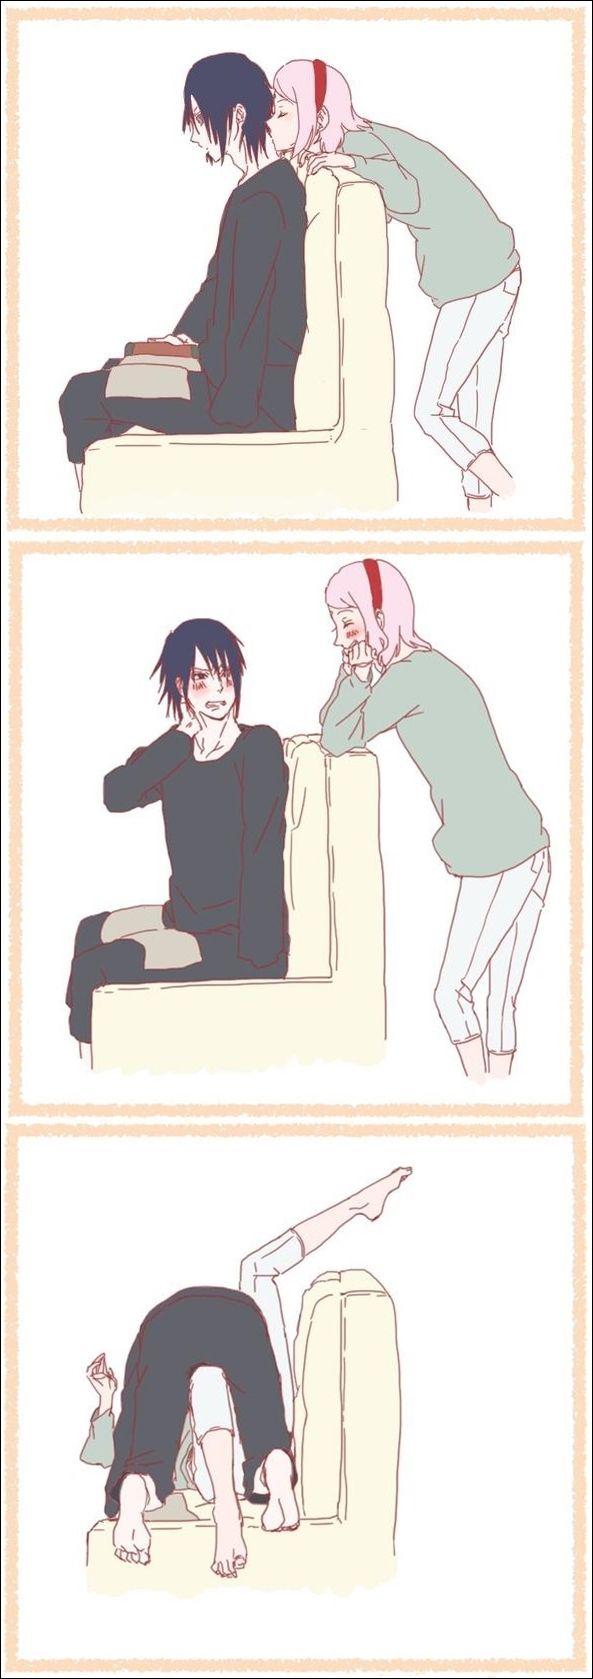 Naruto - Sasuke and Sakura                                                                                                                                                                                 More